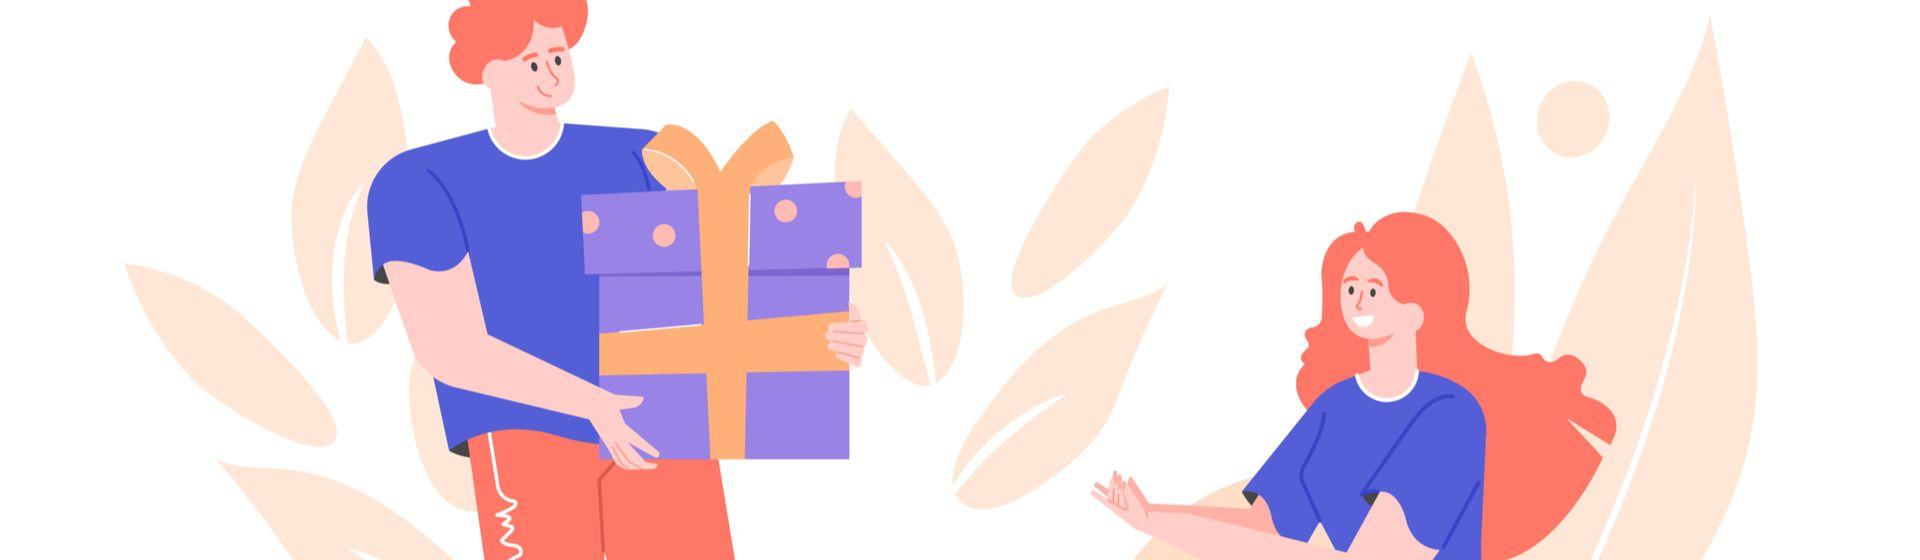 Dia dos Namorados 2020: utensílios para melhorar a vida a dois